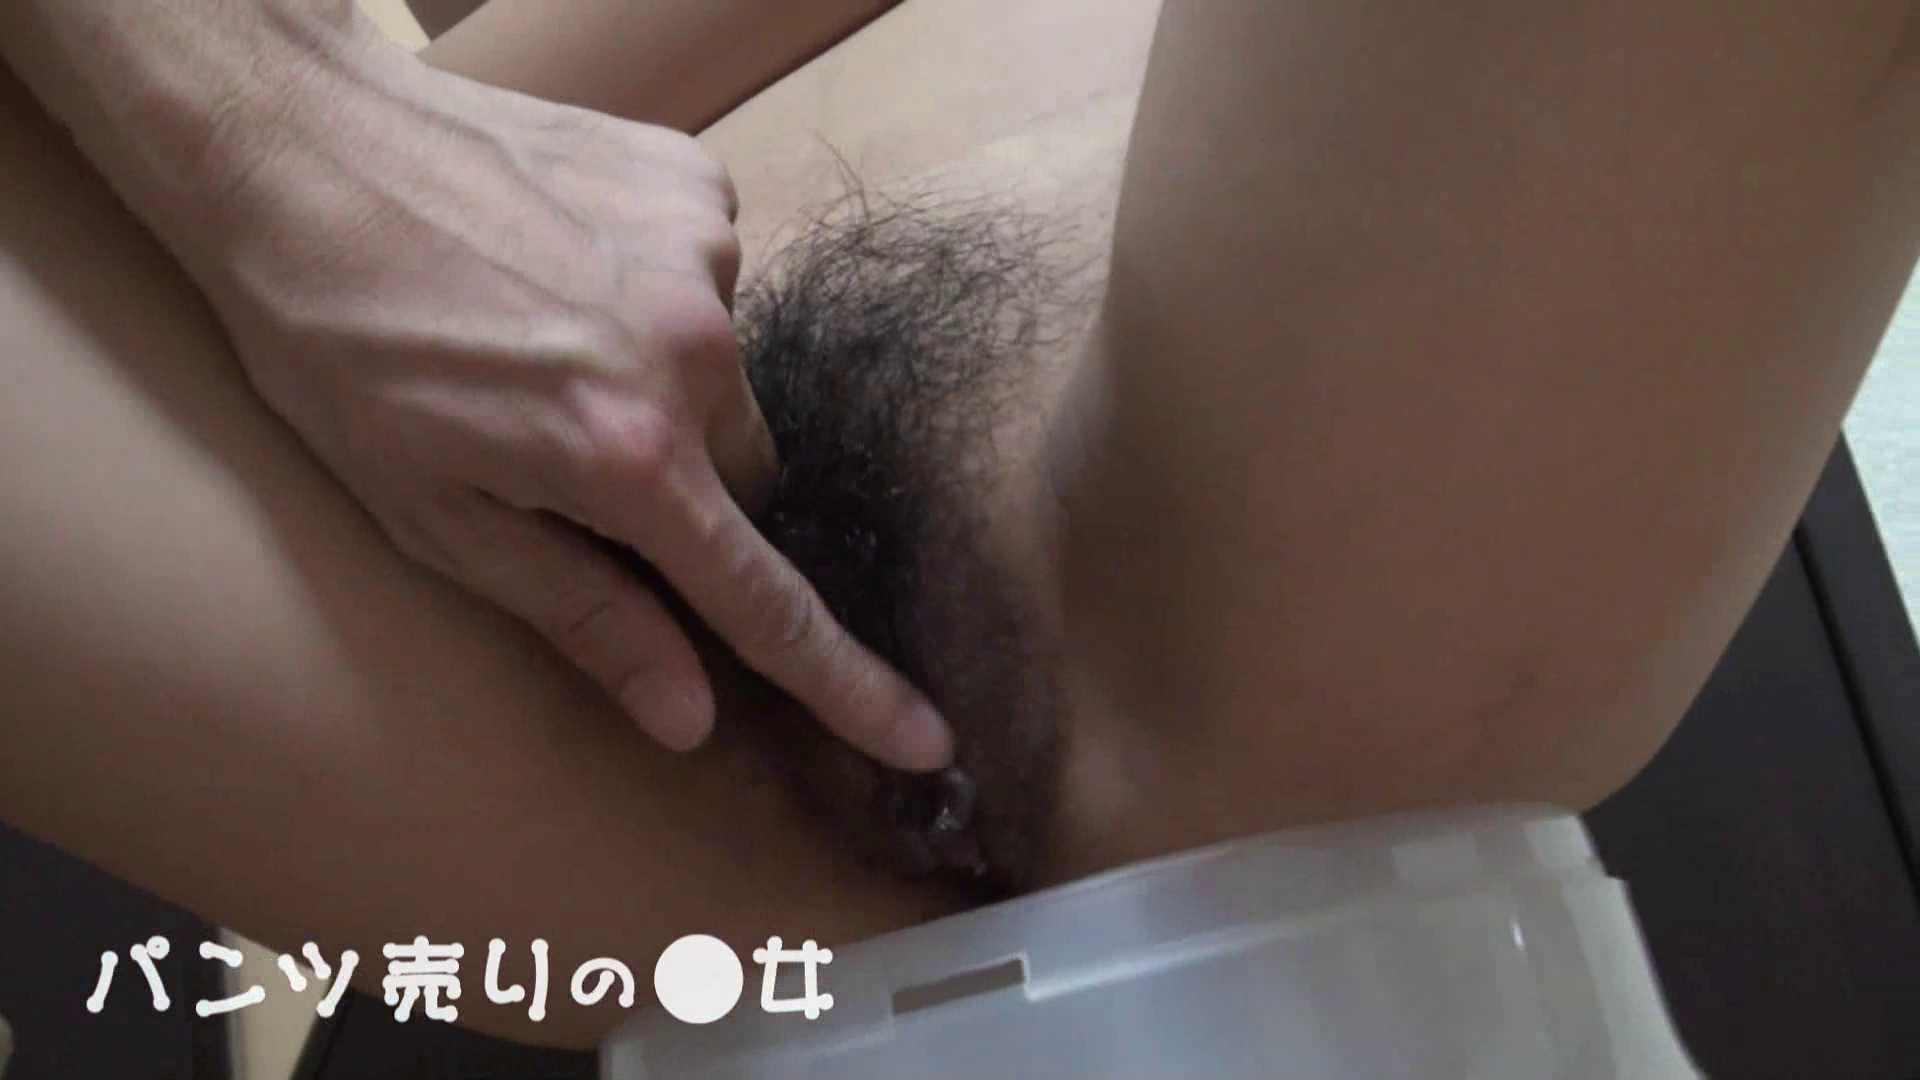 新説 パンツ売りの女の子nana02 おまんこ   無修正マンコ  102連発 41